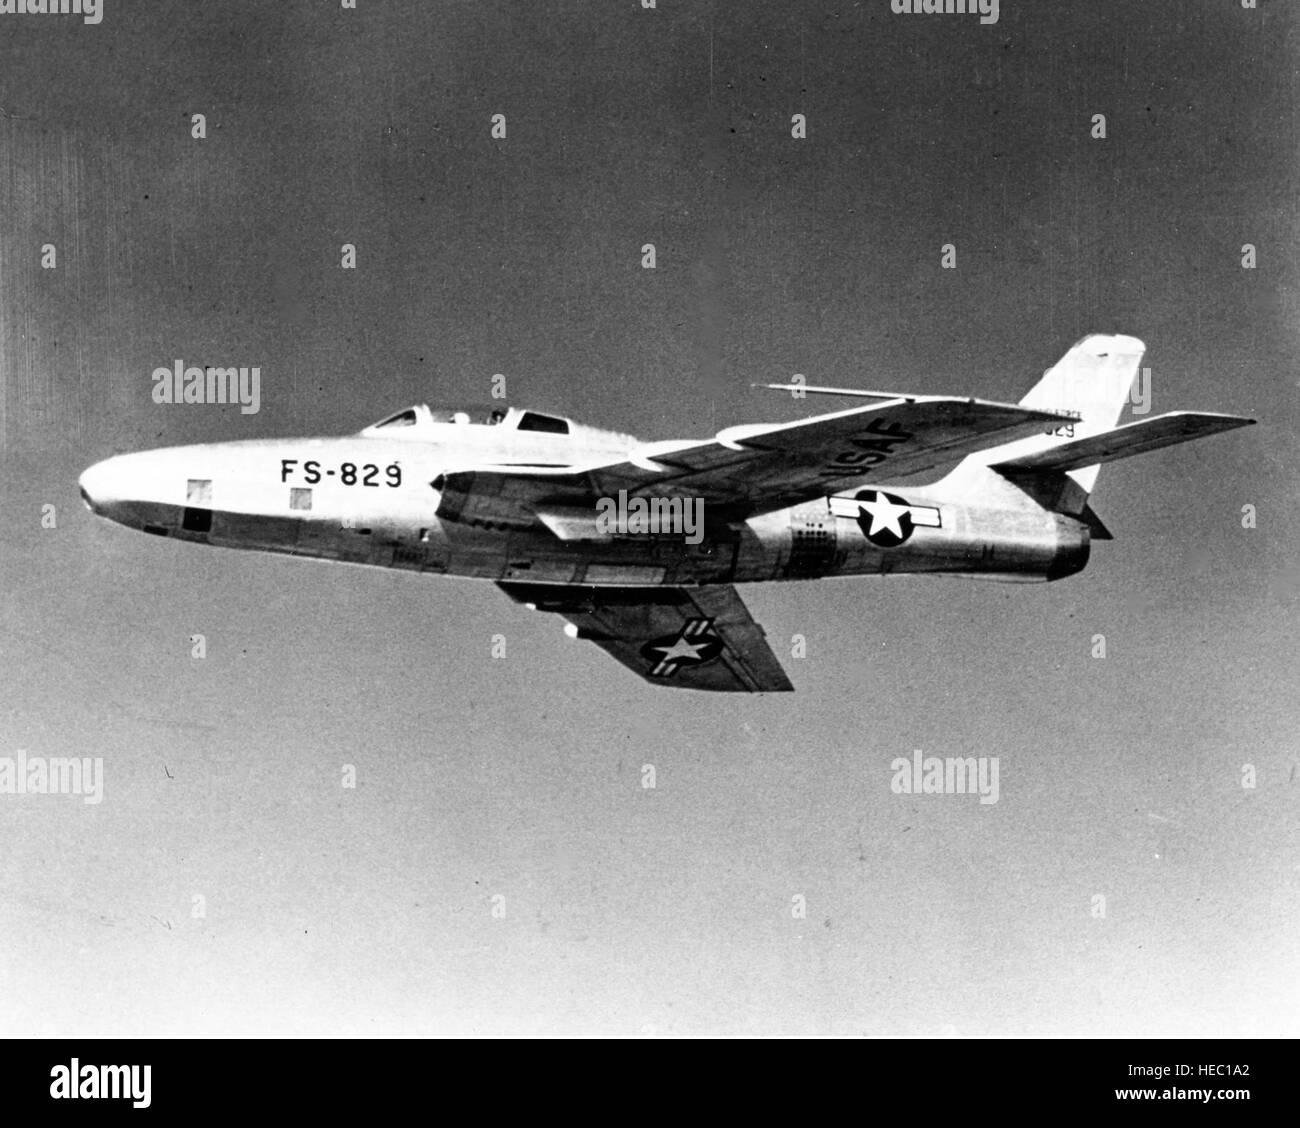 Imágenes numeradas - Página 17 El-f-84-thunderjet-la-usaf-del-primer-combate-de-post-guerra-realizo-su-primer-vuelo-el-26-de-febrero-de-1946-comenzo-a-rodar-a-las-lineas-de-produccion-en-junio-de-1947-y-en-el-momento-en-que-ceso-la-produccion-en-1953-aproximadamente-4450-straight-wing-f-84s-en-contraste-con-el-ala-barrida-f-84f-ha-sido-construido-durante-su-vida-util-el-f-84-se-convirtio-en-el-primer-avion-de-combate-de-la-usaf-capaces-de-portar-un-arma-atomica-tactica-el-avion-logro-su-mayor-notoriedad-durante-el-conflicto-de-corea-donde-se-utilizaba-principalmente-para-misiones-de-interdiccion-de-bajo-nivel-casi-a-diario-los-f-84-atacaron-enemigo-ferrocarriles-puentes-su-hec1a2